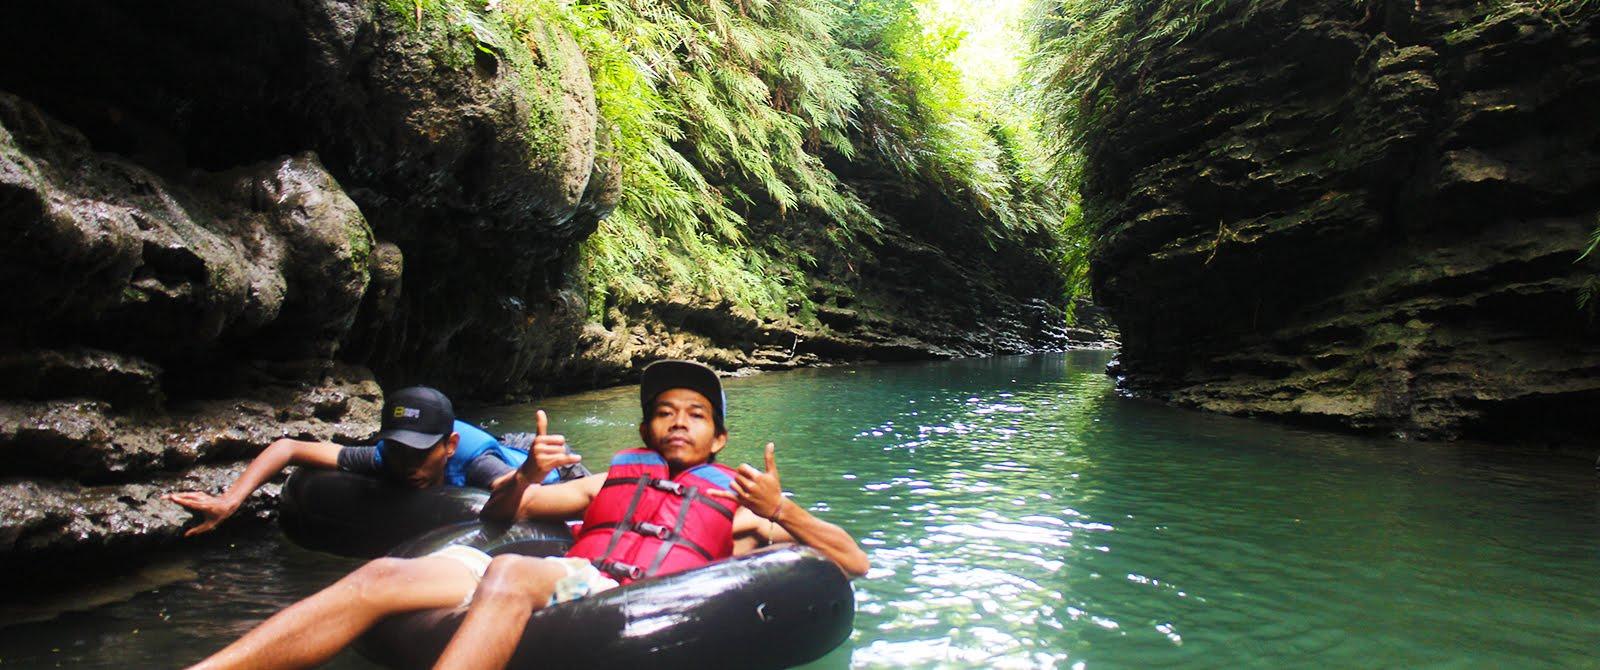 River Tubing Santirah, Wisata Jaram Yang Cocok Untuk Semua Kalangan Usia.